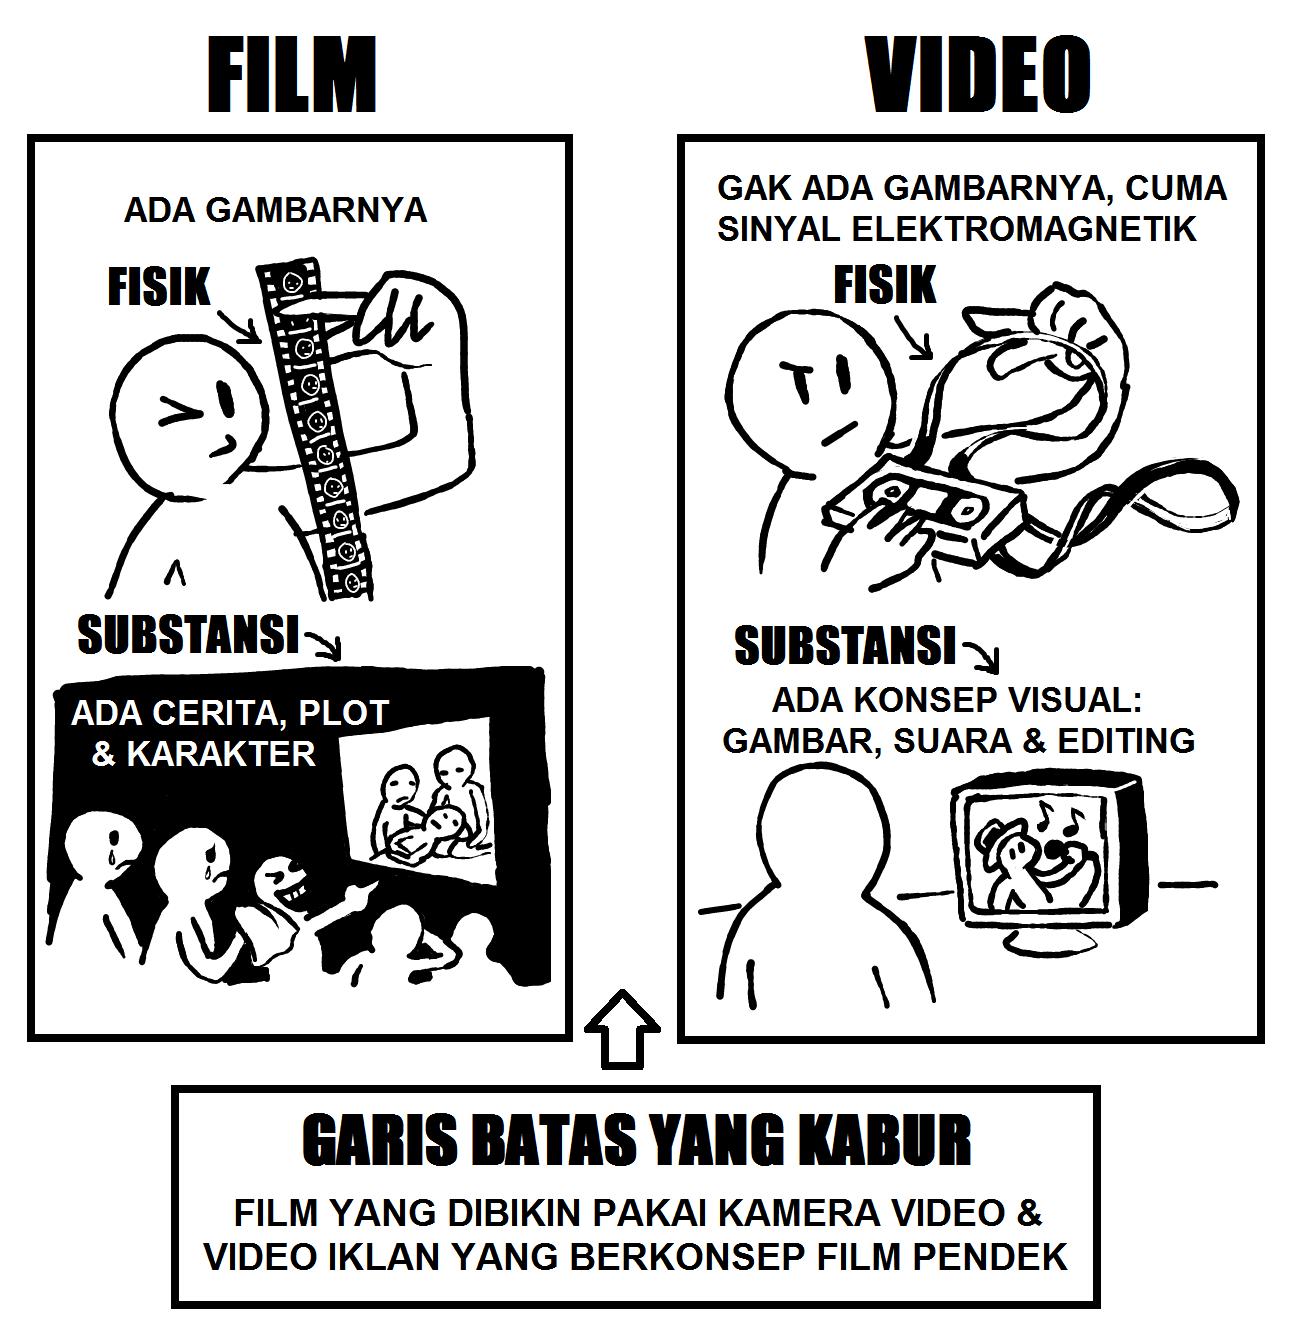 GUGUN EKALAYA: PERBEDAAN ESENSIAL VIDEOGRAFI DAN SINEMATOGRAFI